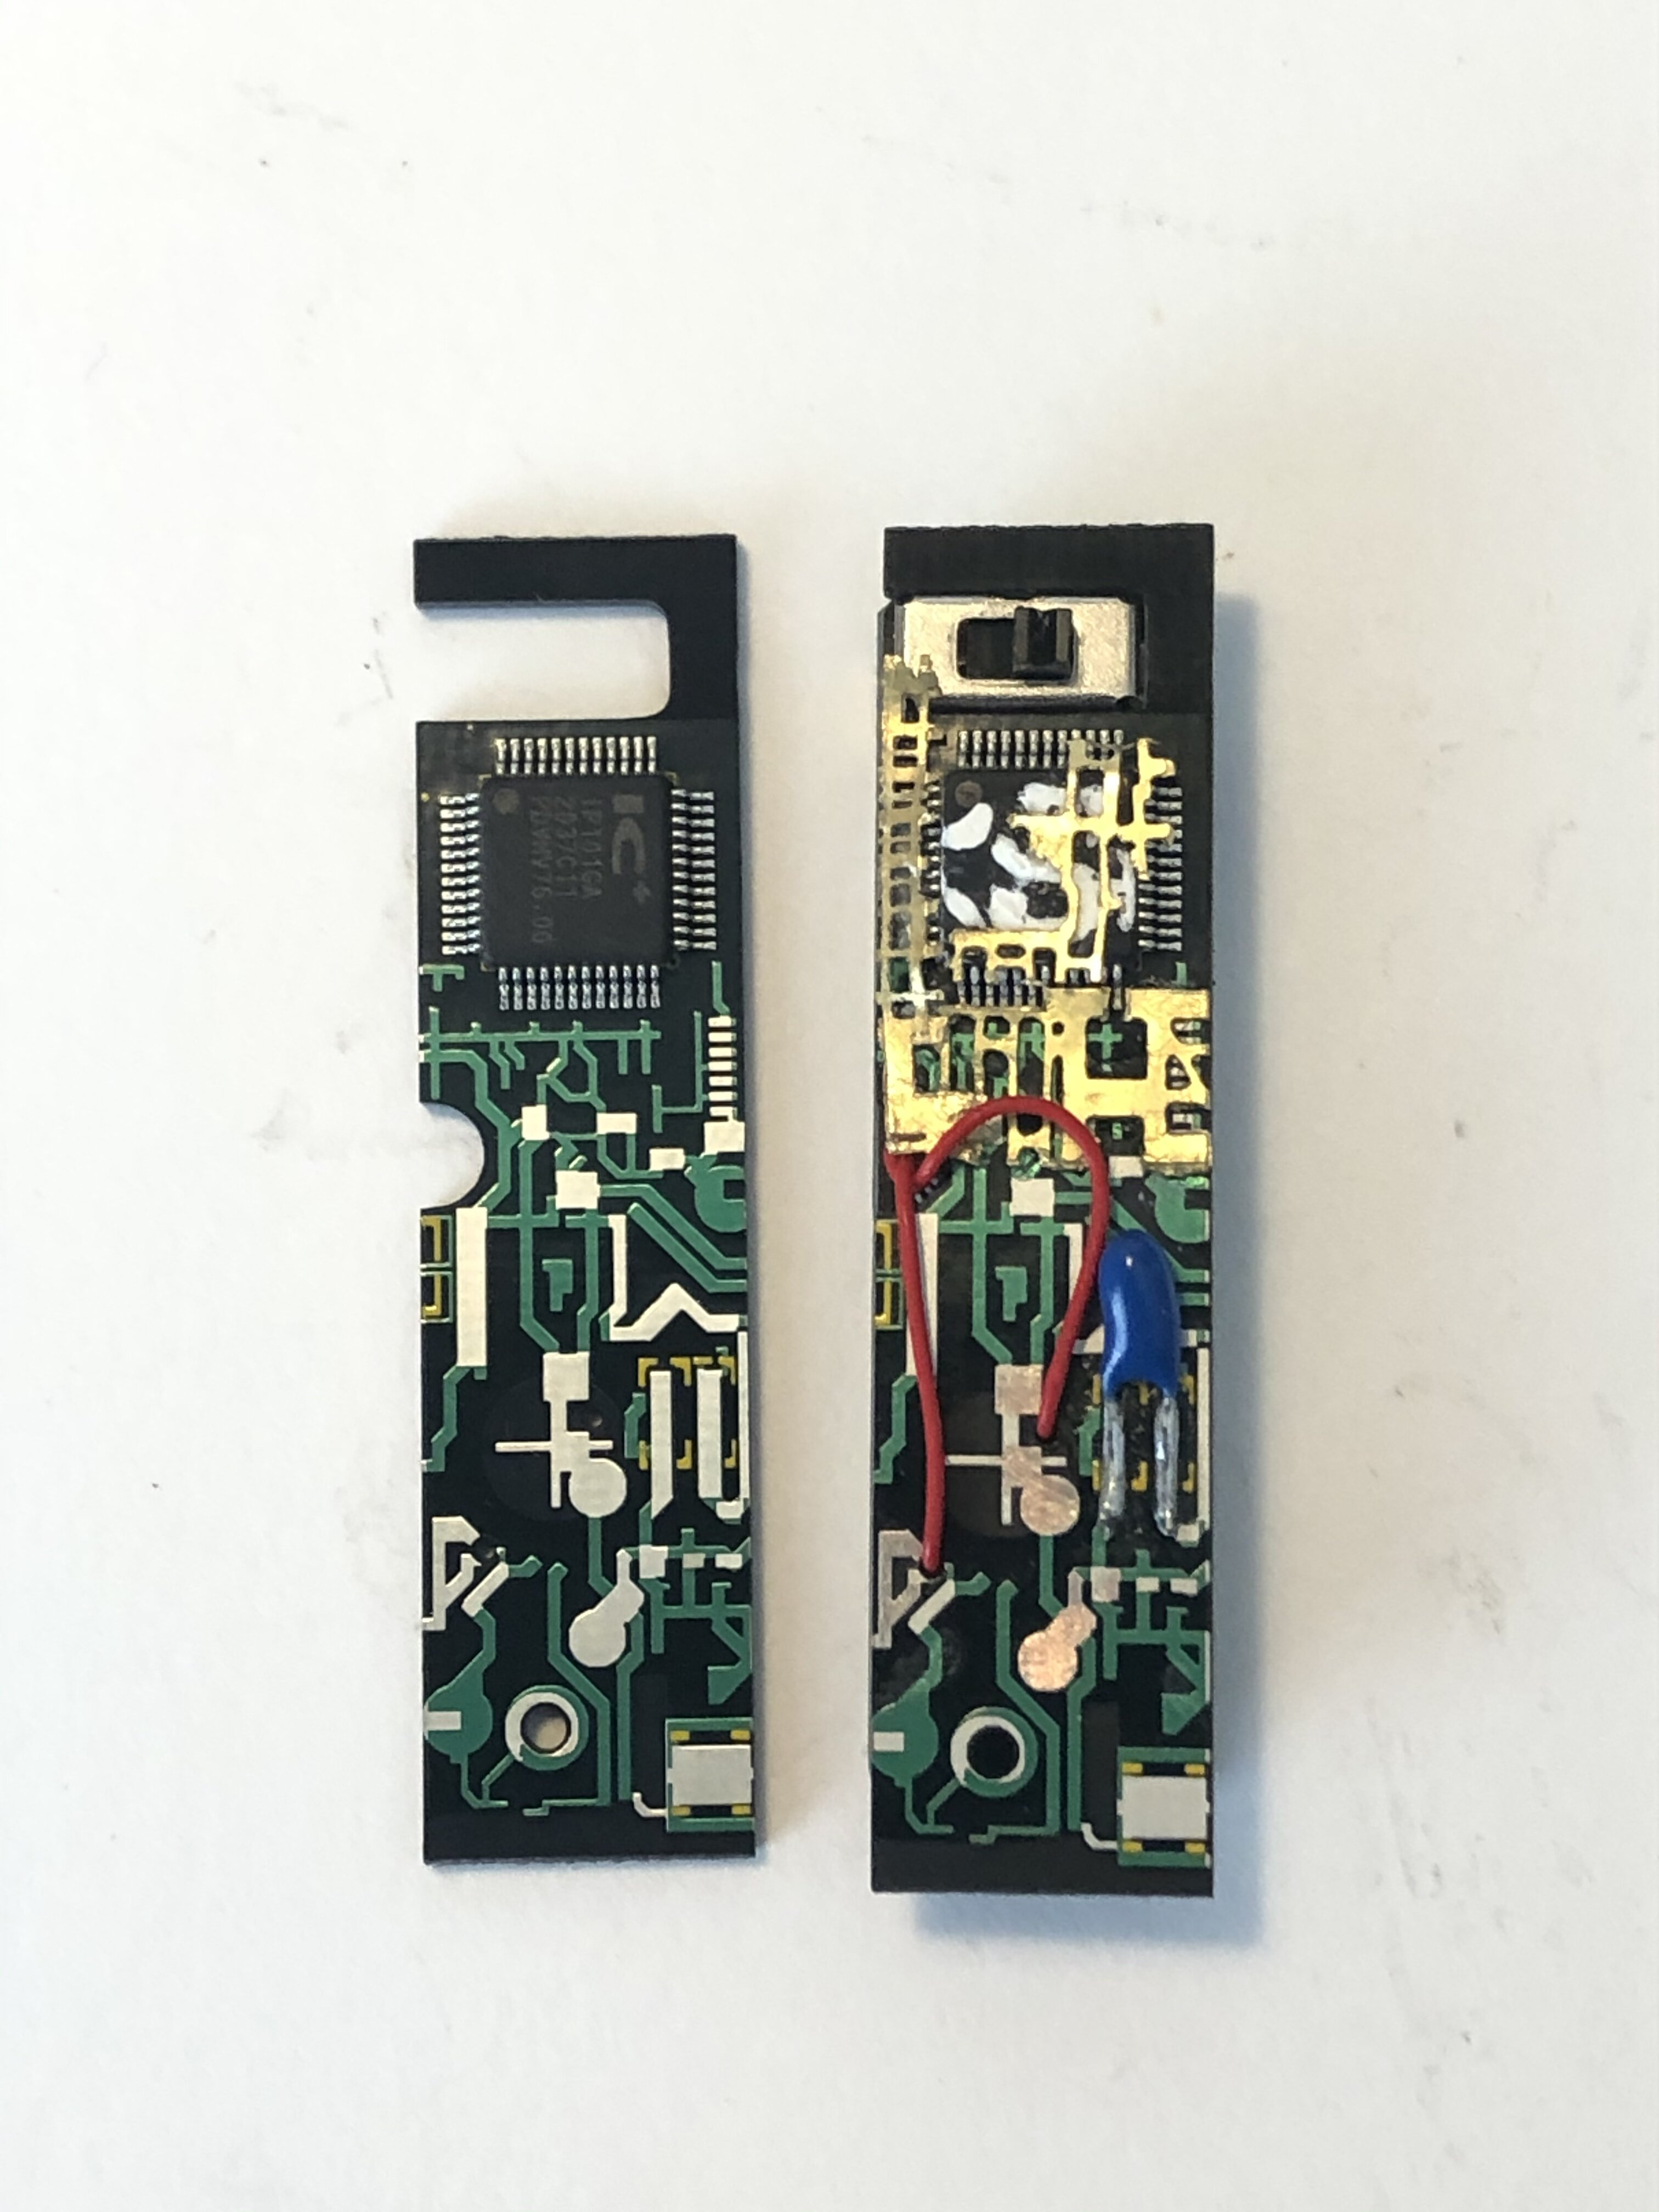 53F56559-4281-4758-B533-B40D594573DC.jpeg